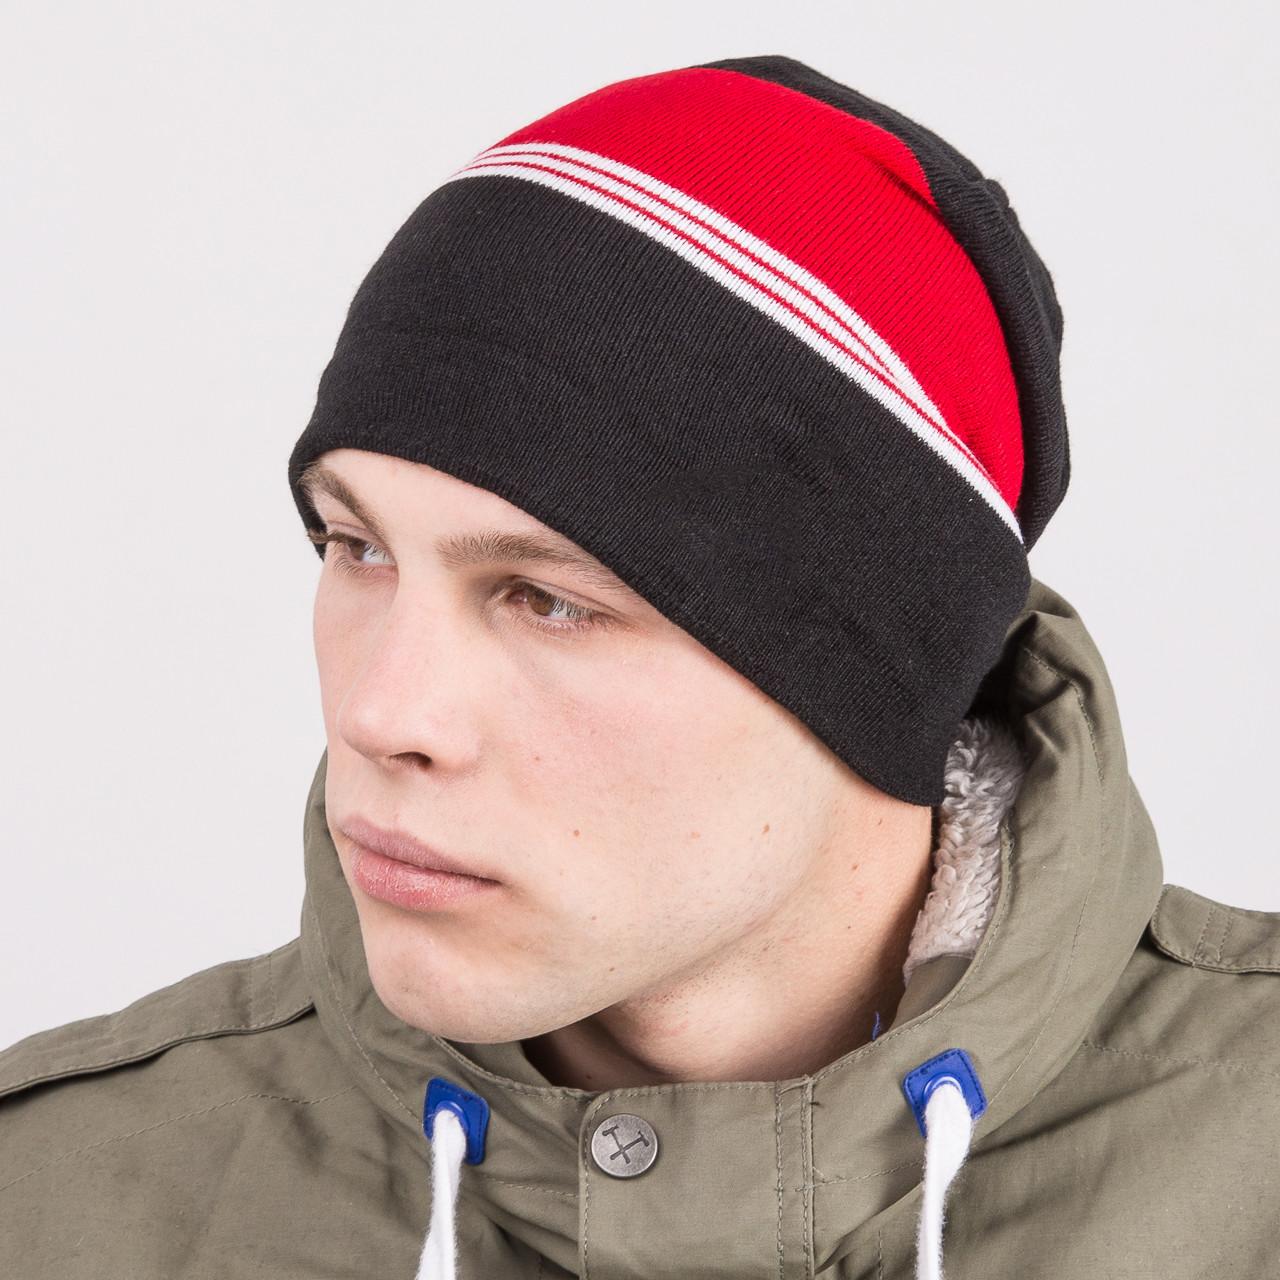 Вязаная шапка колпак на зиму мужская - Артикул m67b